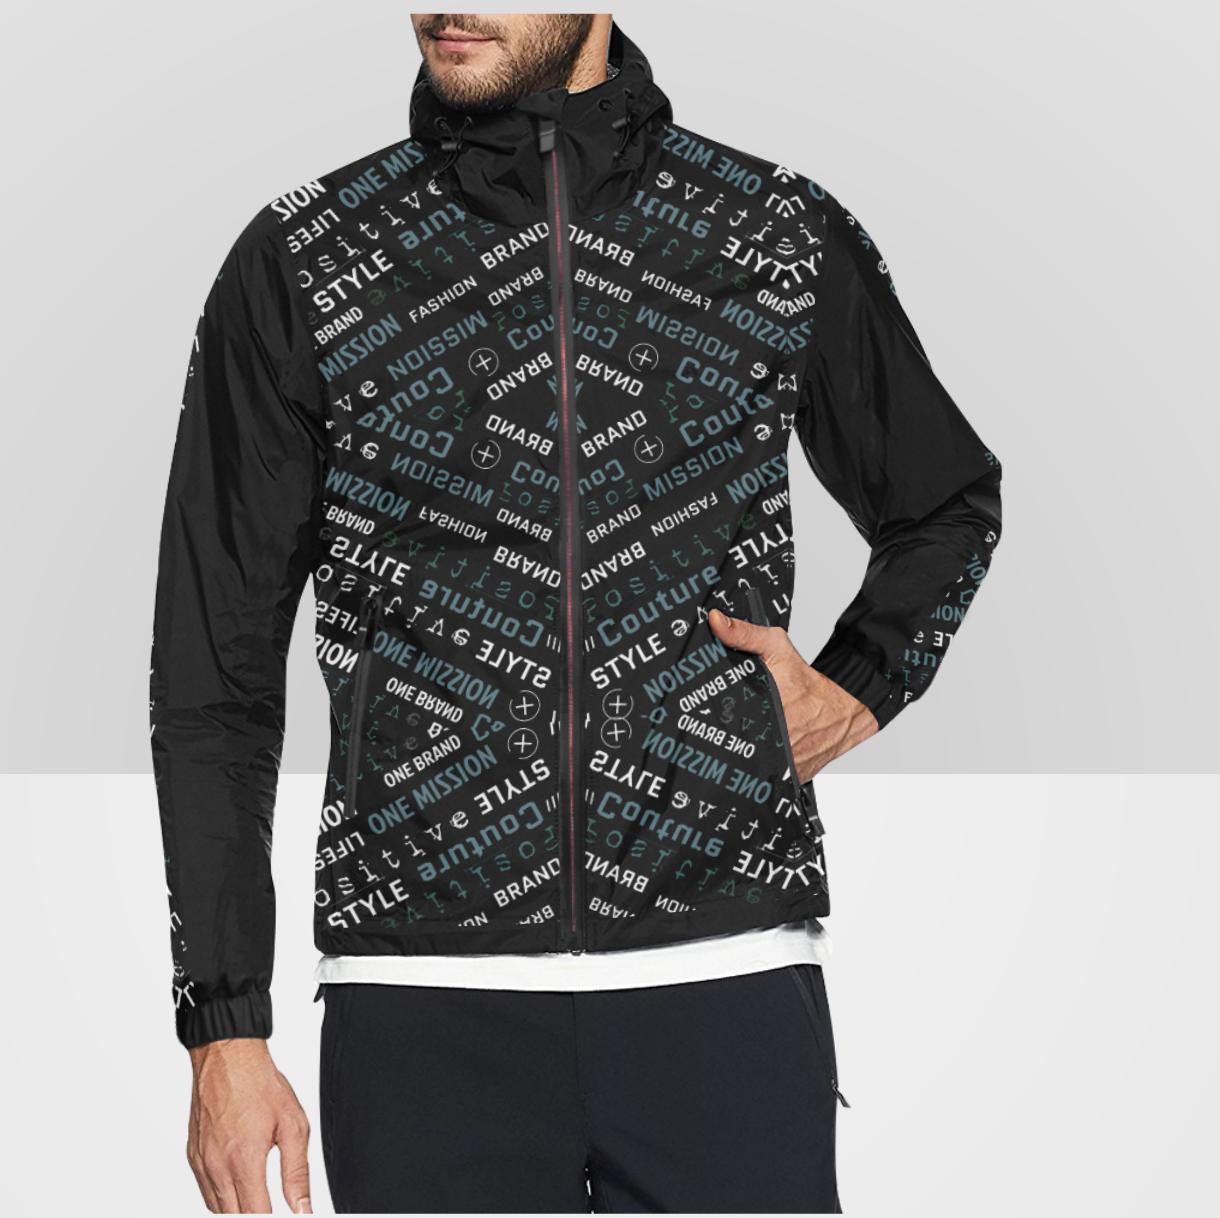 Jacket WINDRUNNER Limited Edt.